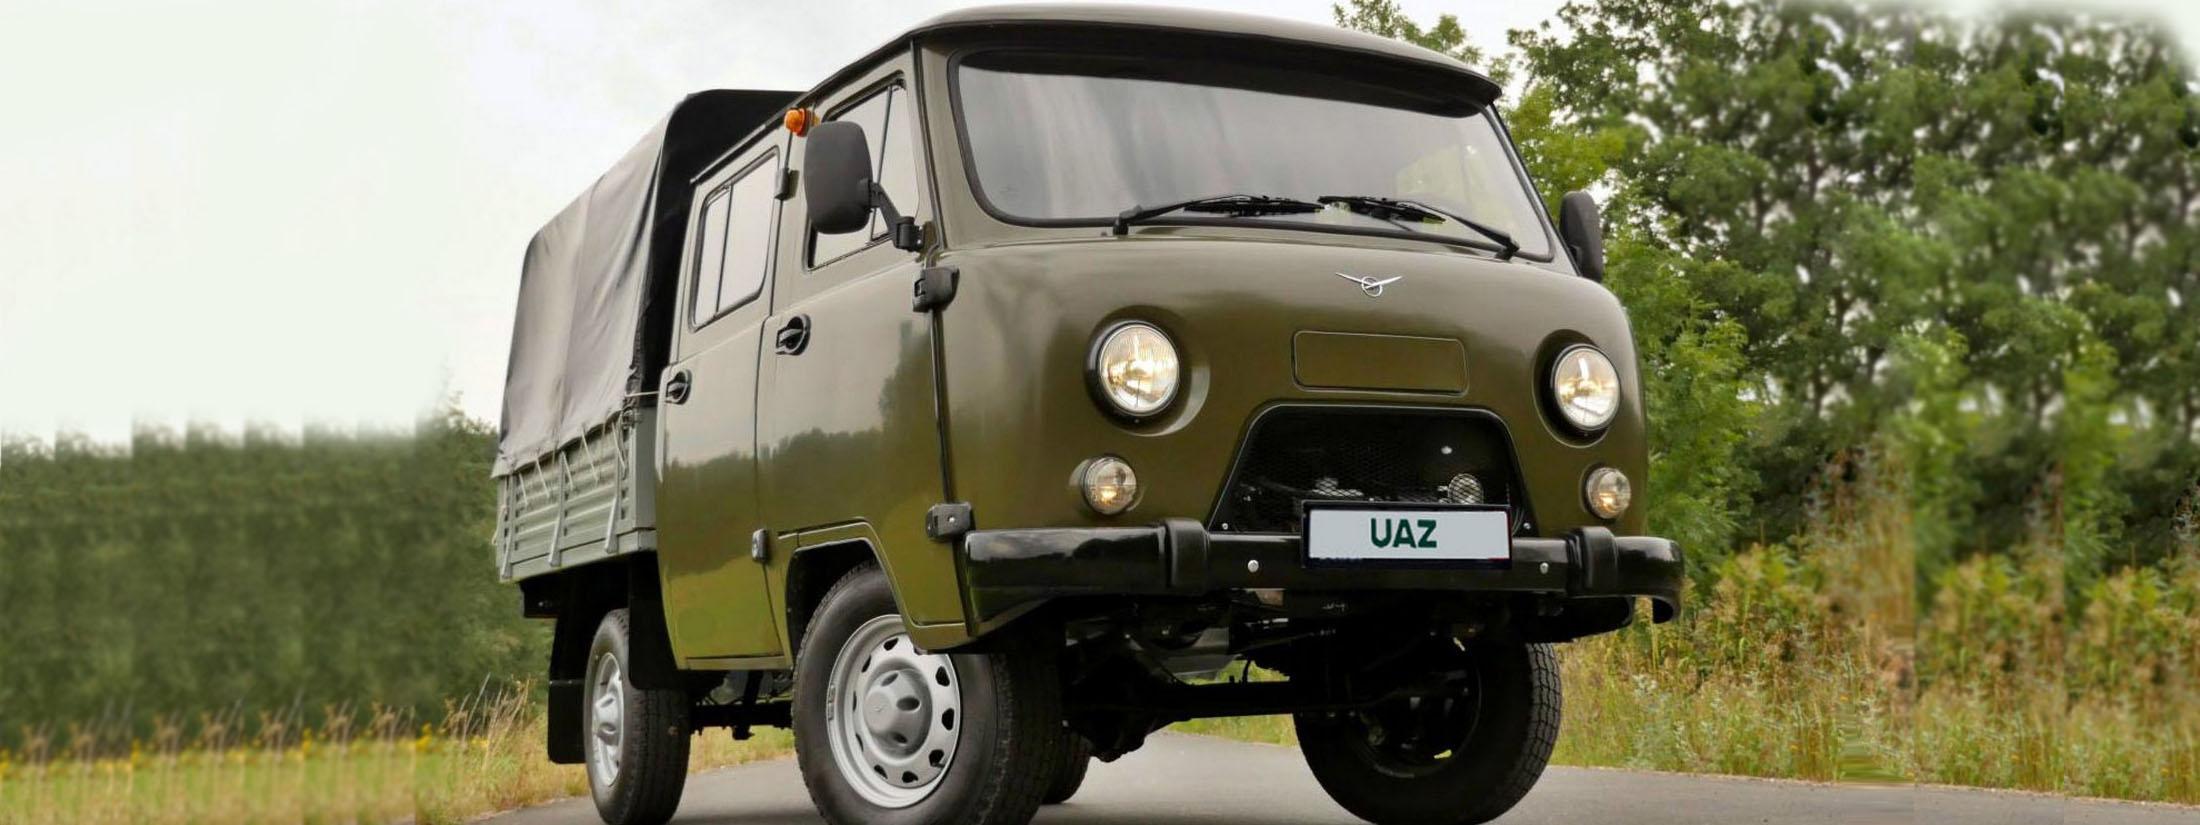 UAZ Buchanka Doppelkabine | https://madeinrussia.de